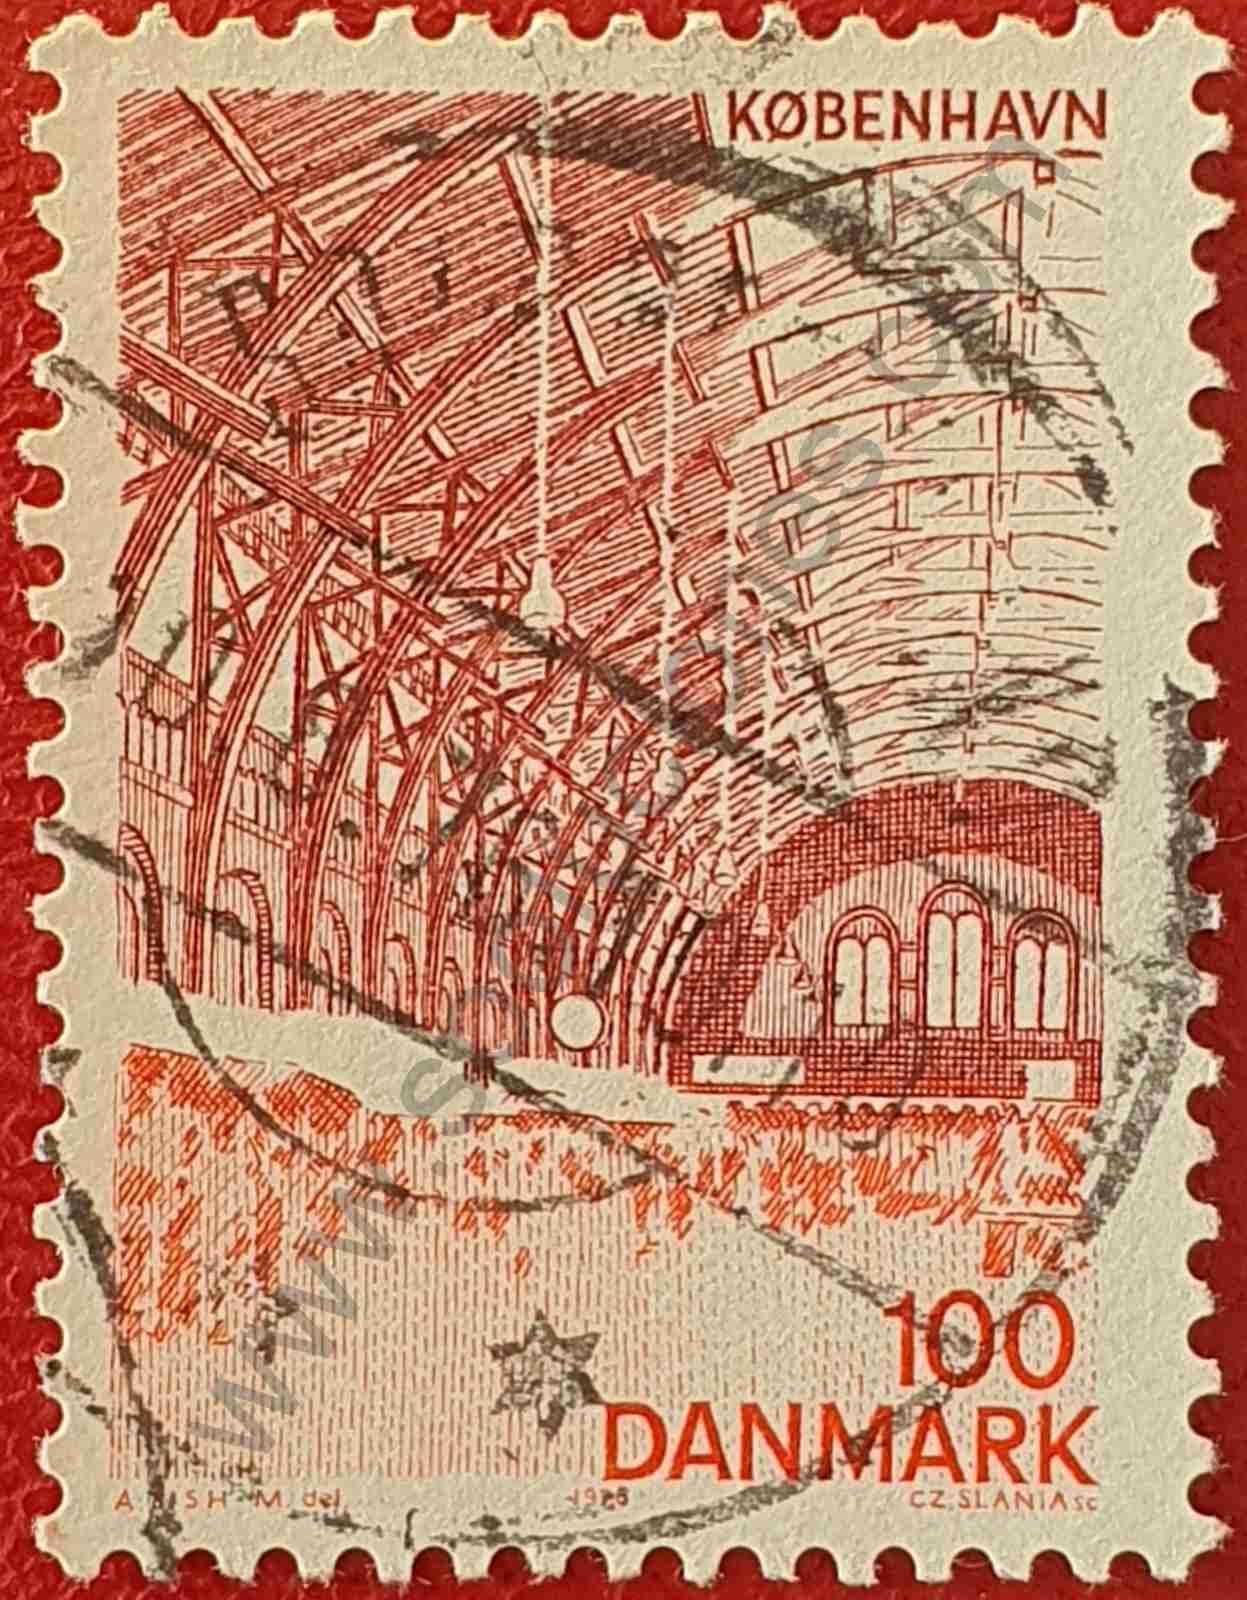 Estación tren Copenhague - Sello Dinamarca 1976